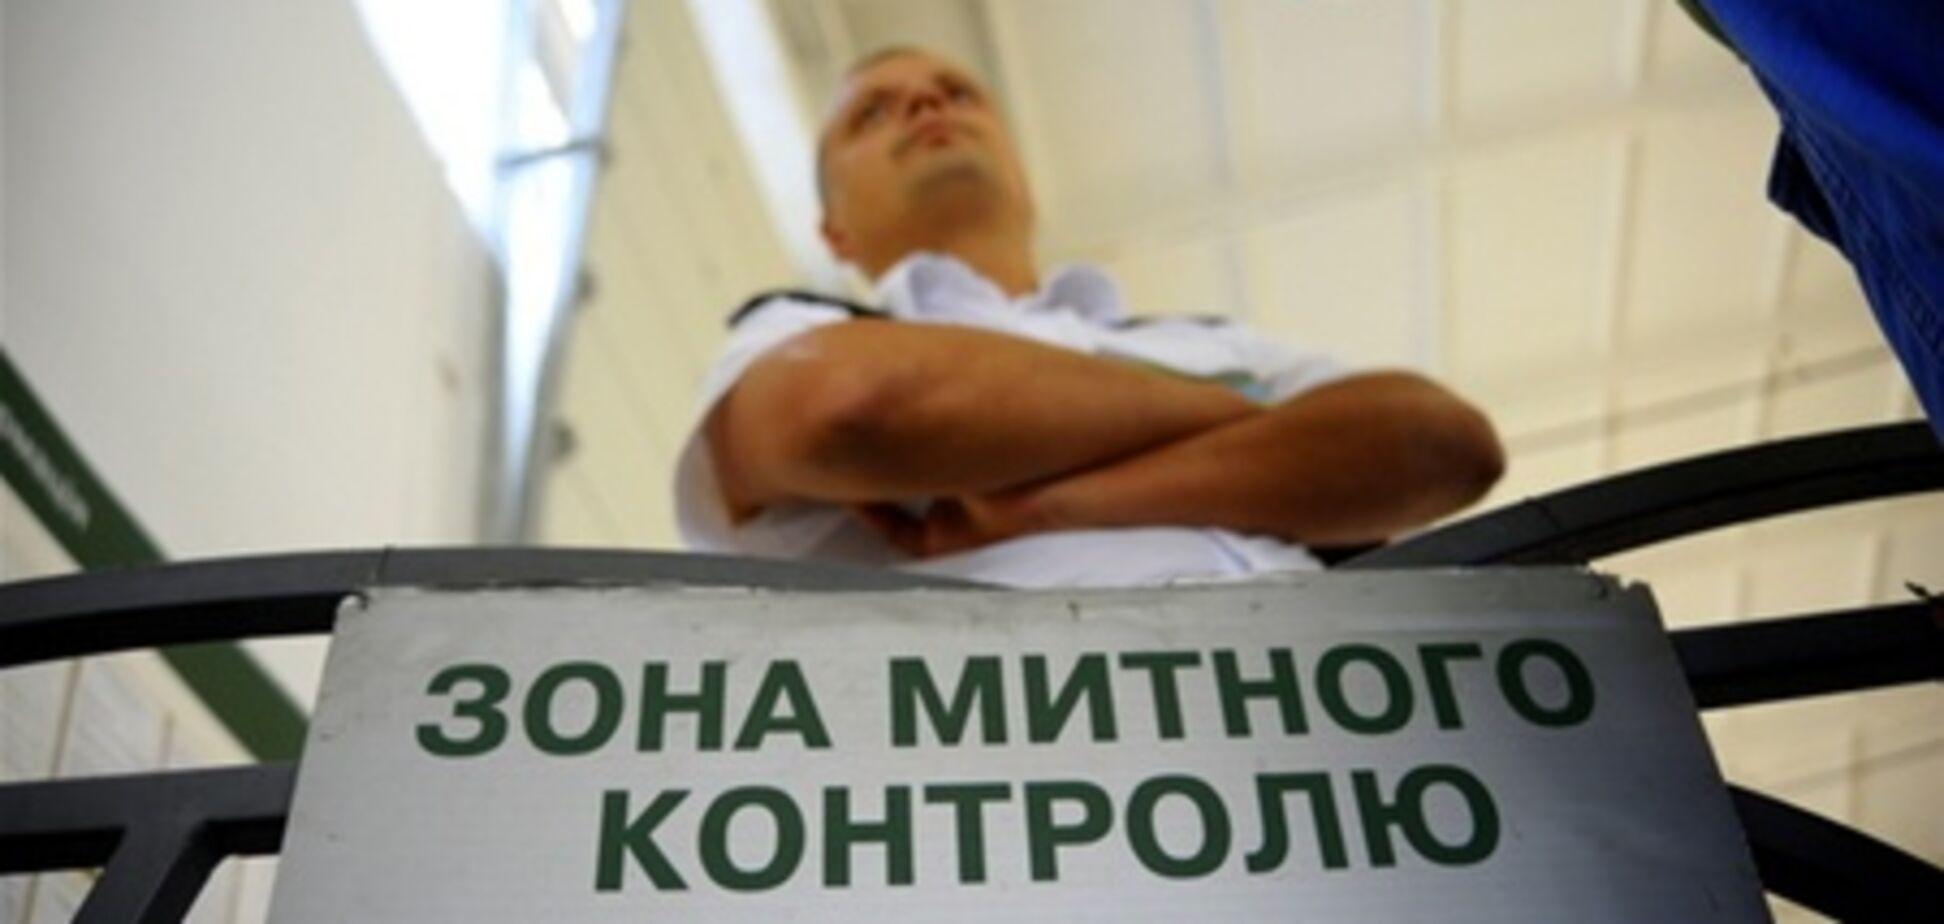 Україна посилює адмінвідповідальність за контрабанду